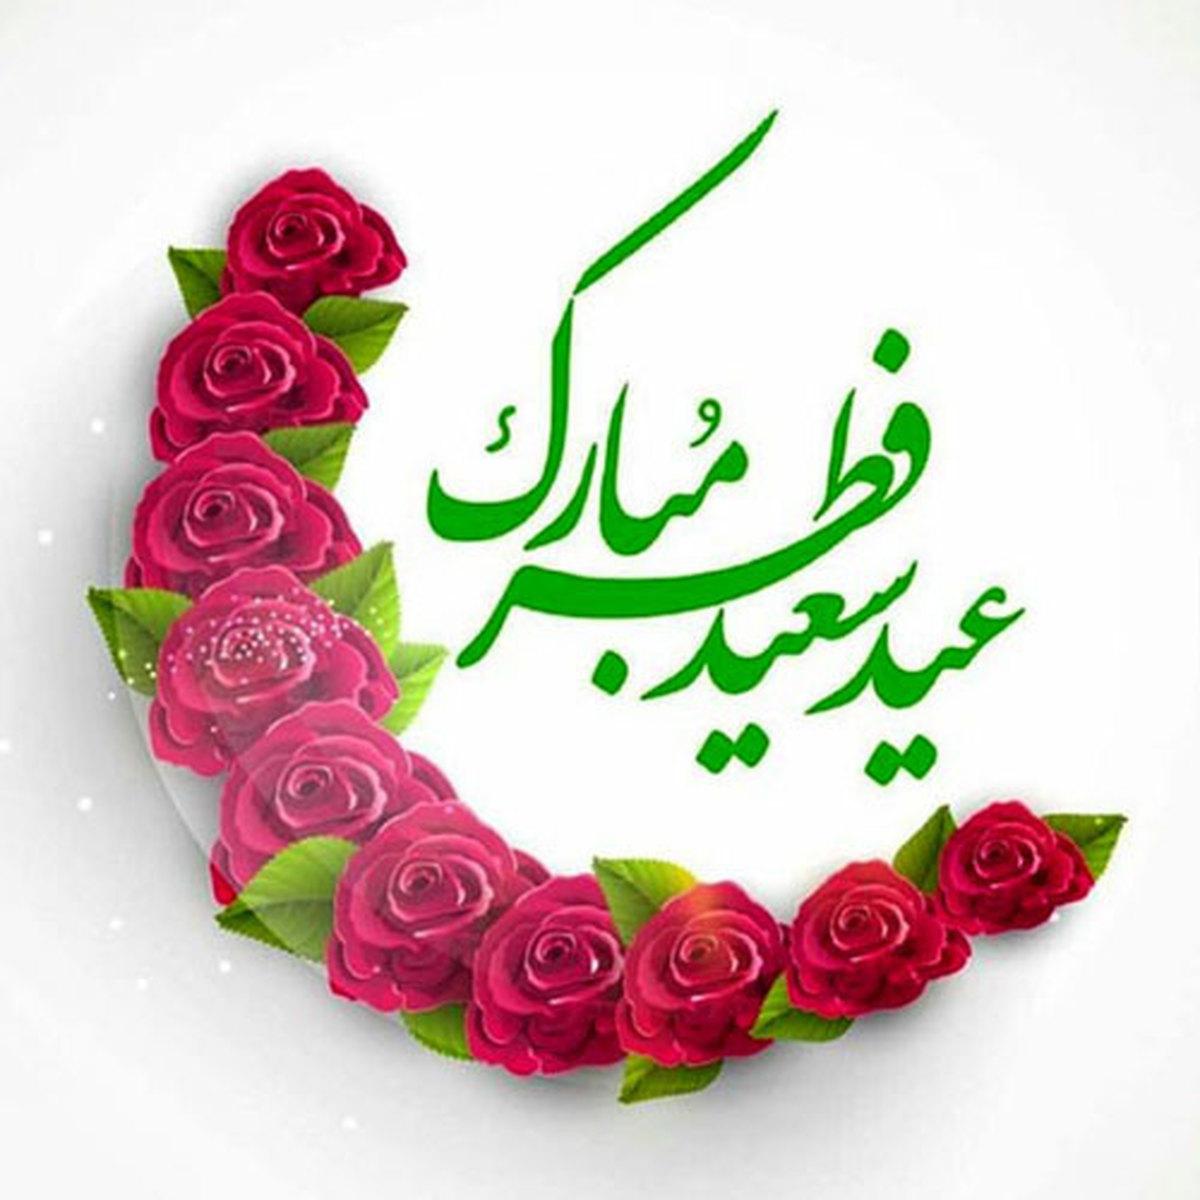 به مناسبت عید فطر شنبه  تعطیل شد